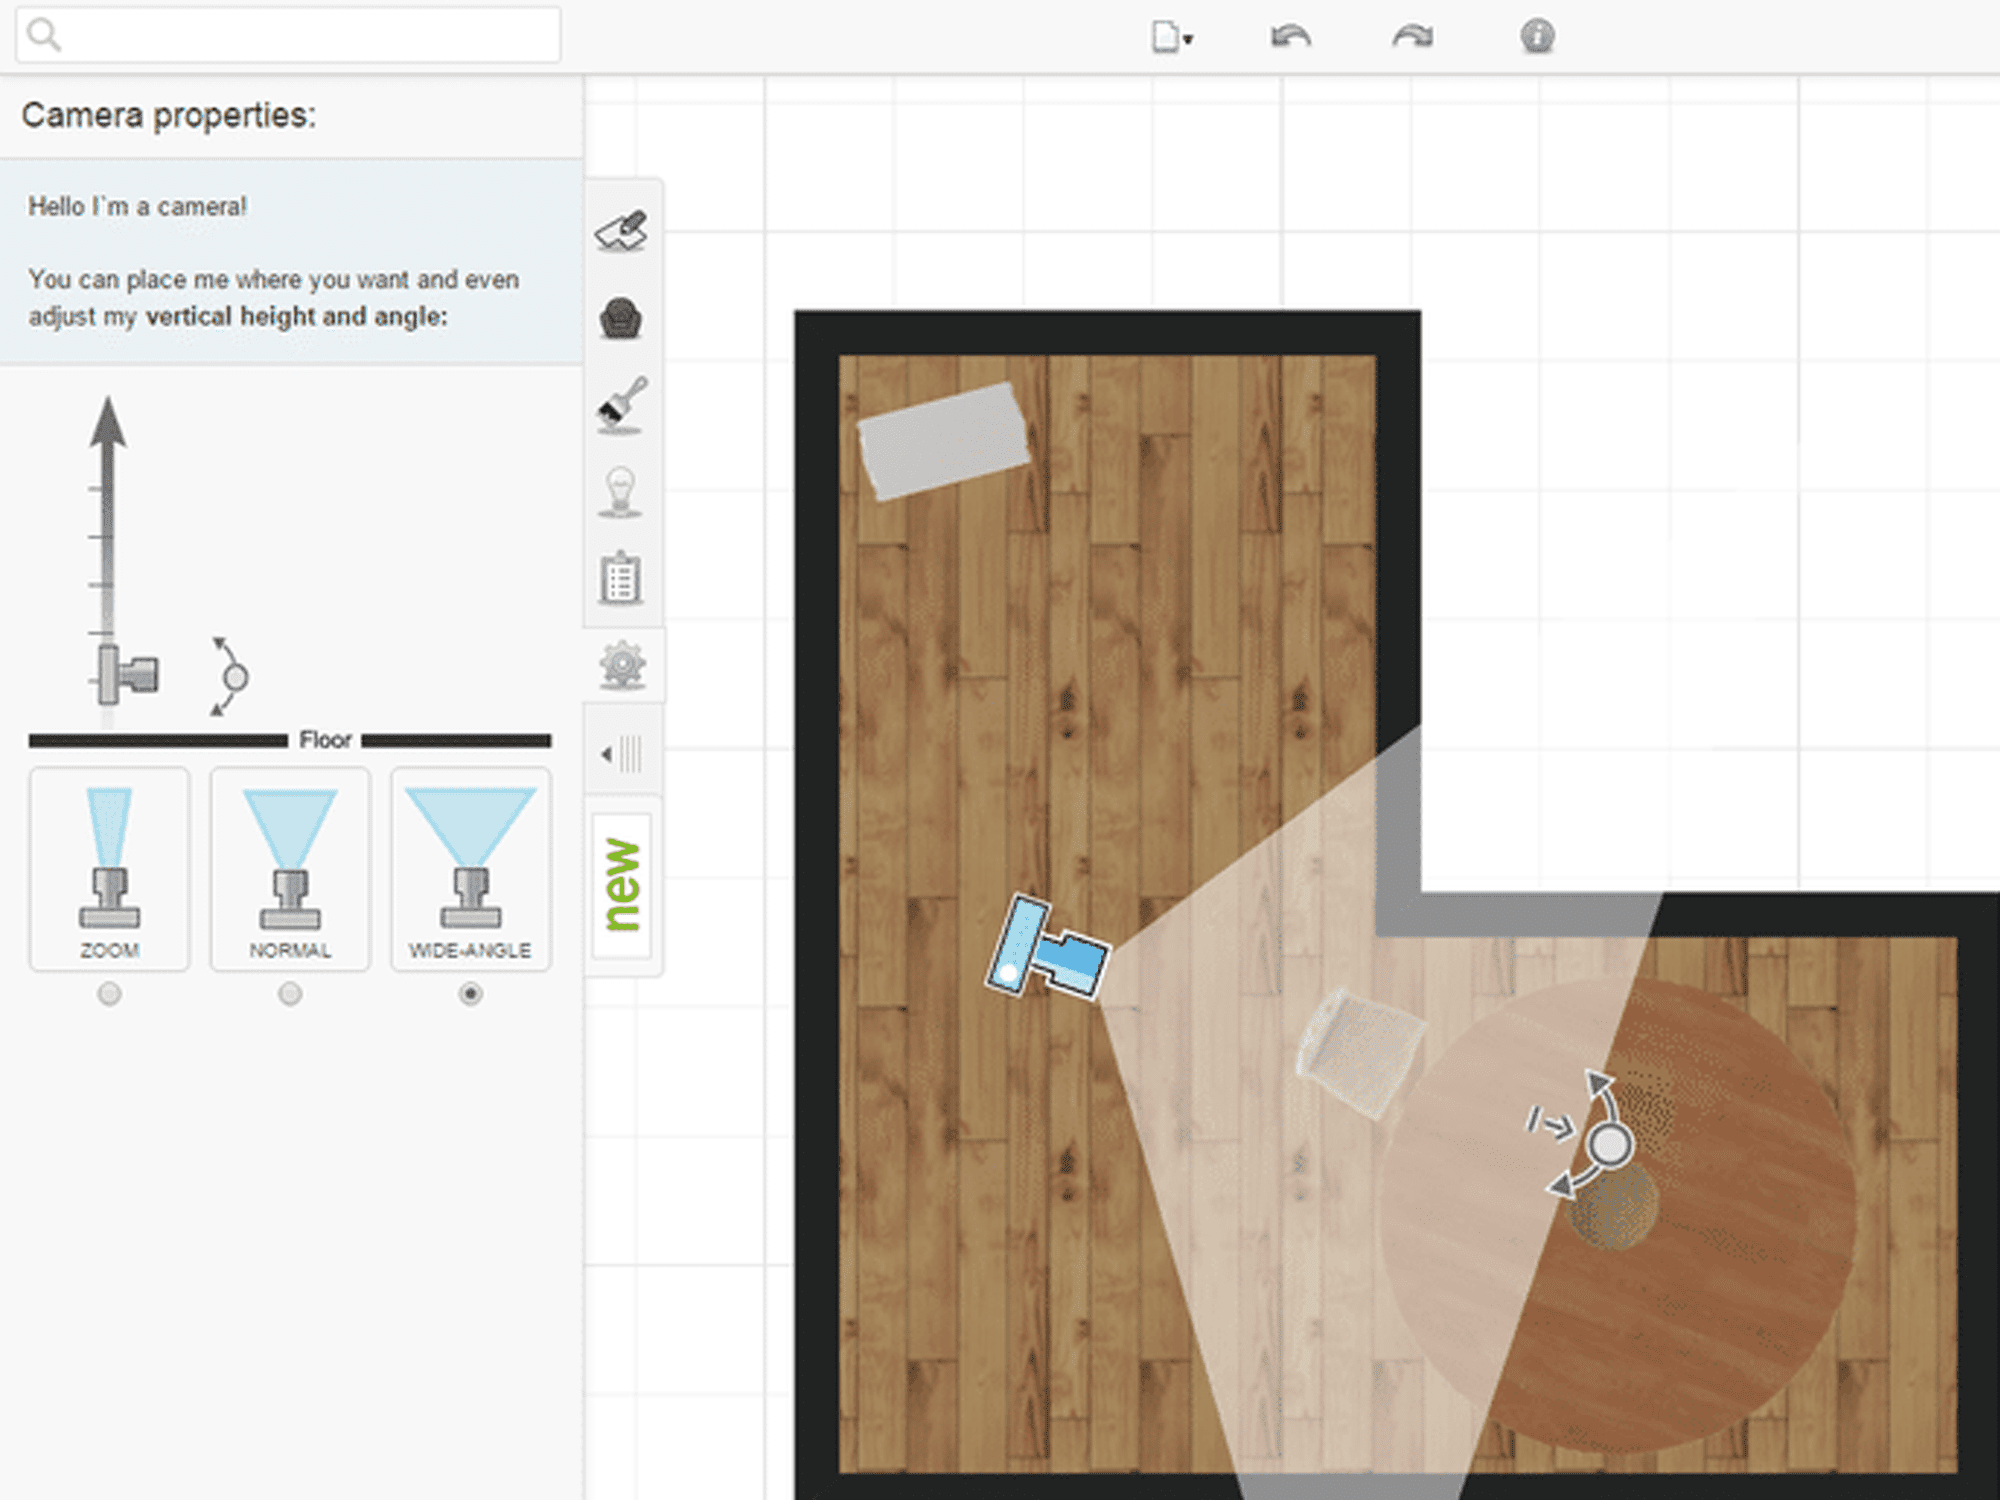 Free Online Room Design Applications - Room designer app